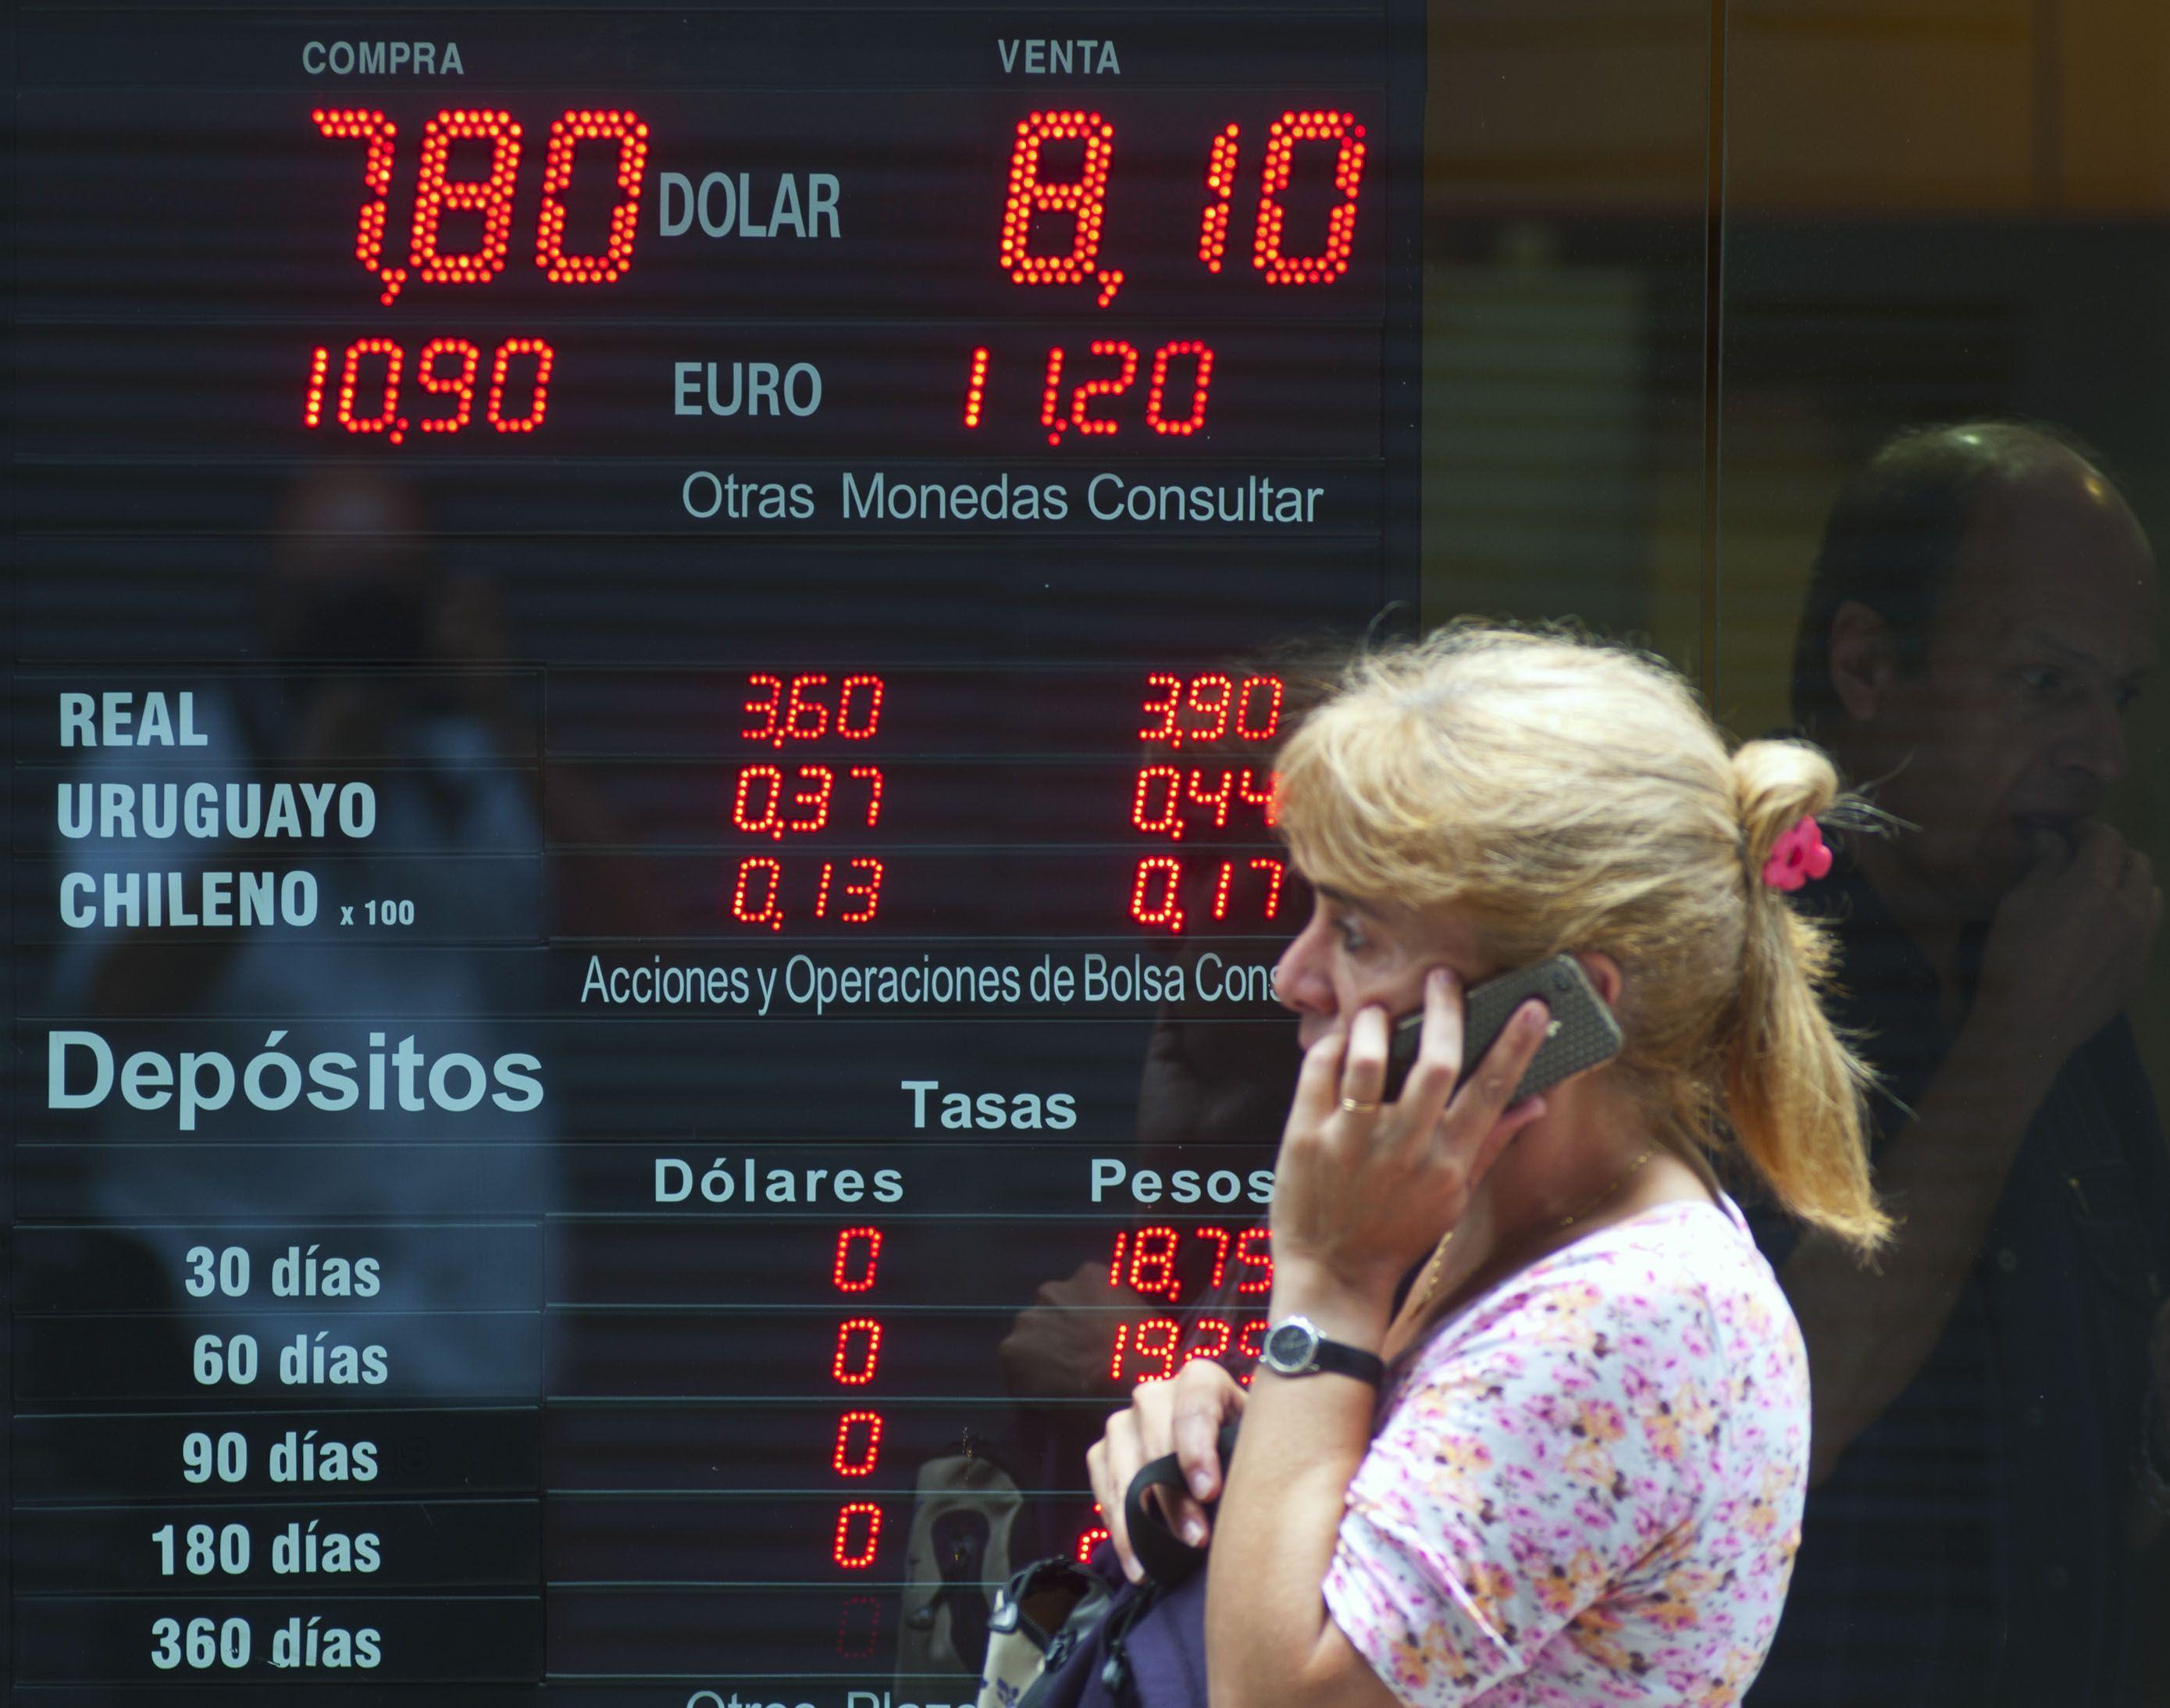 Devaluación. La puja cambiaria expresó las tensiones de la economía en 2014.